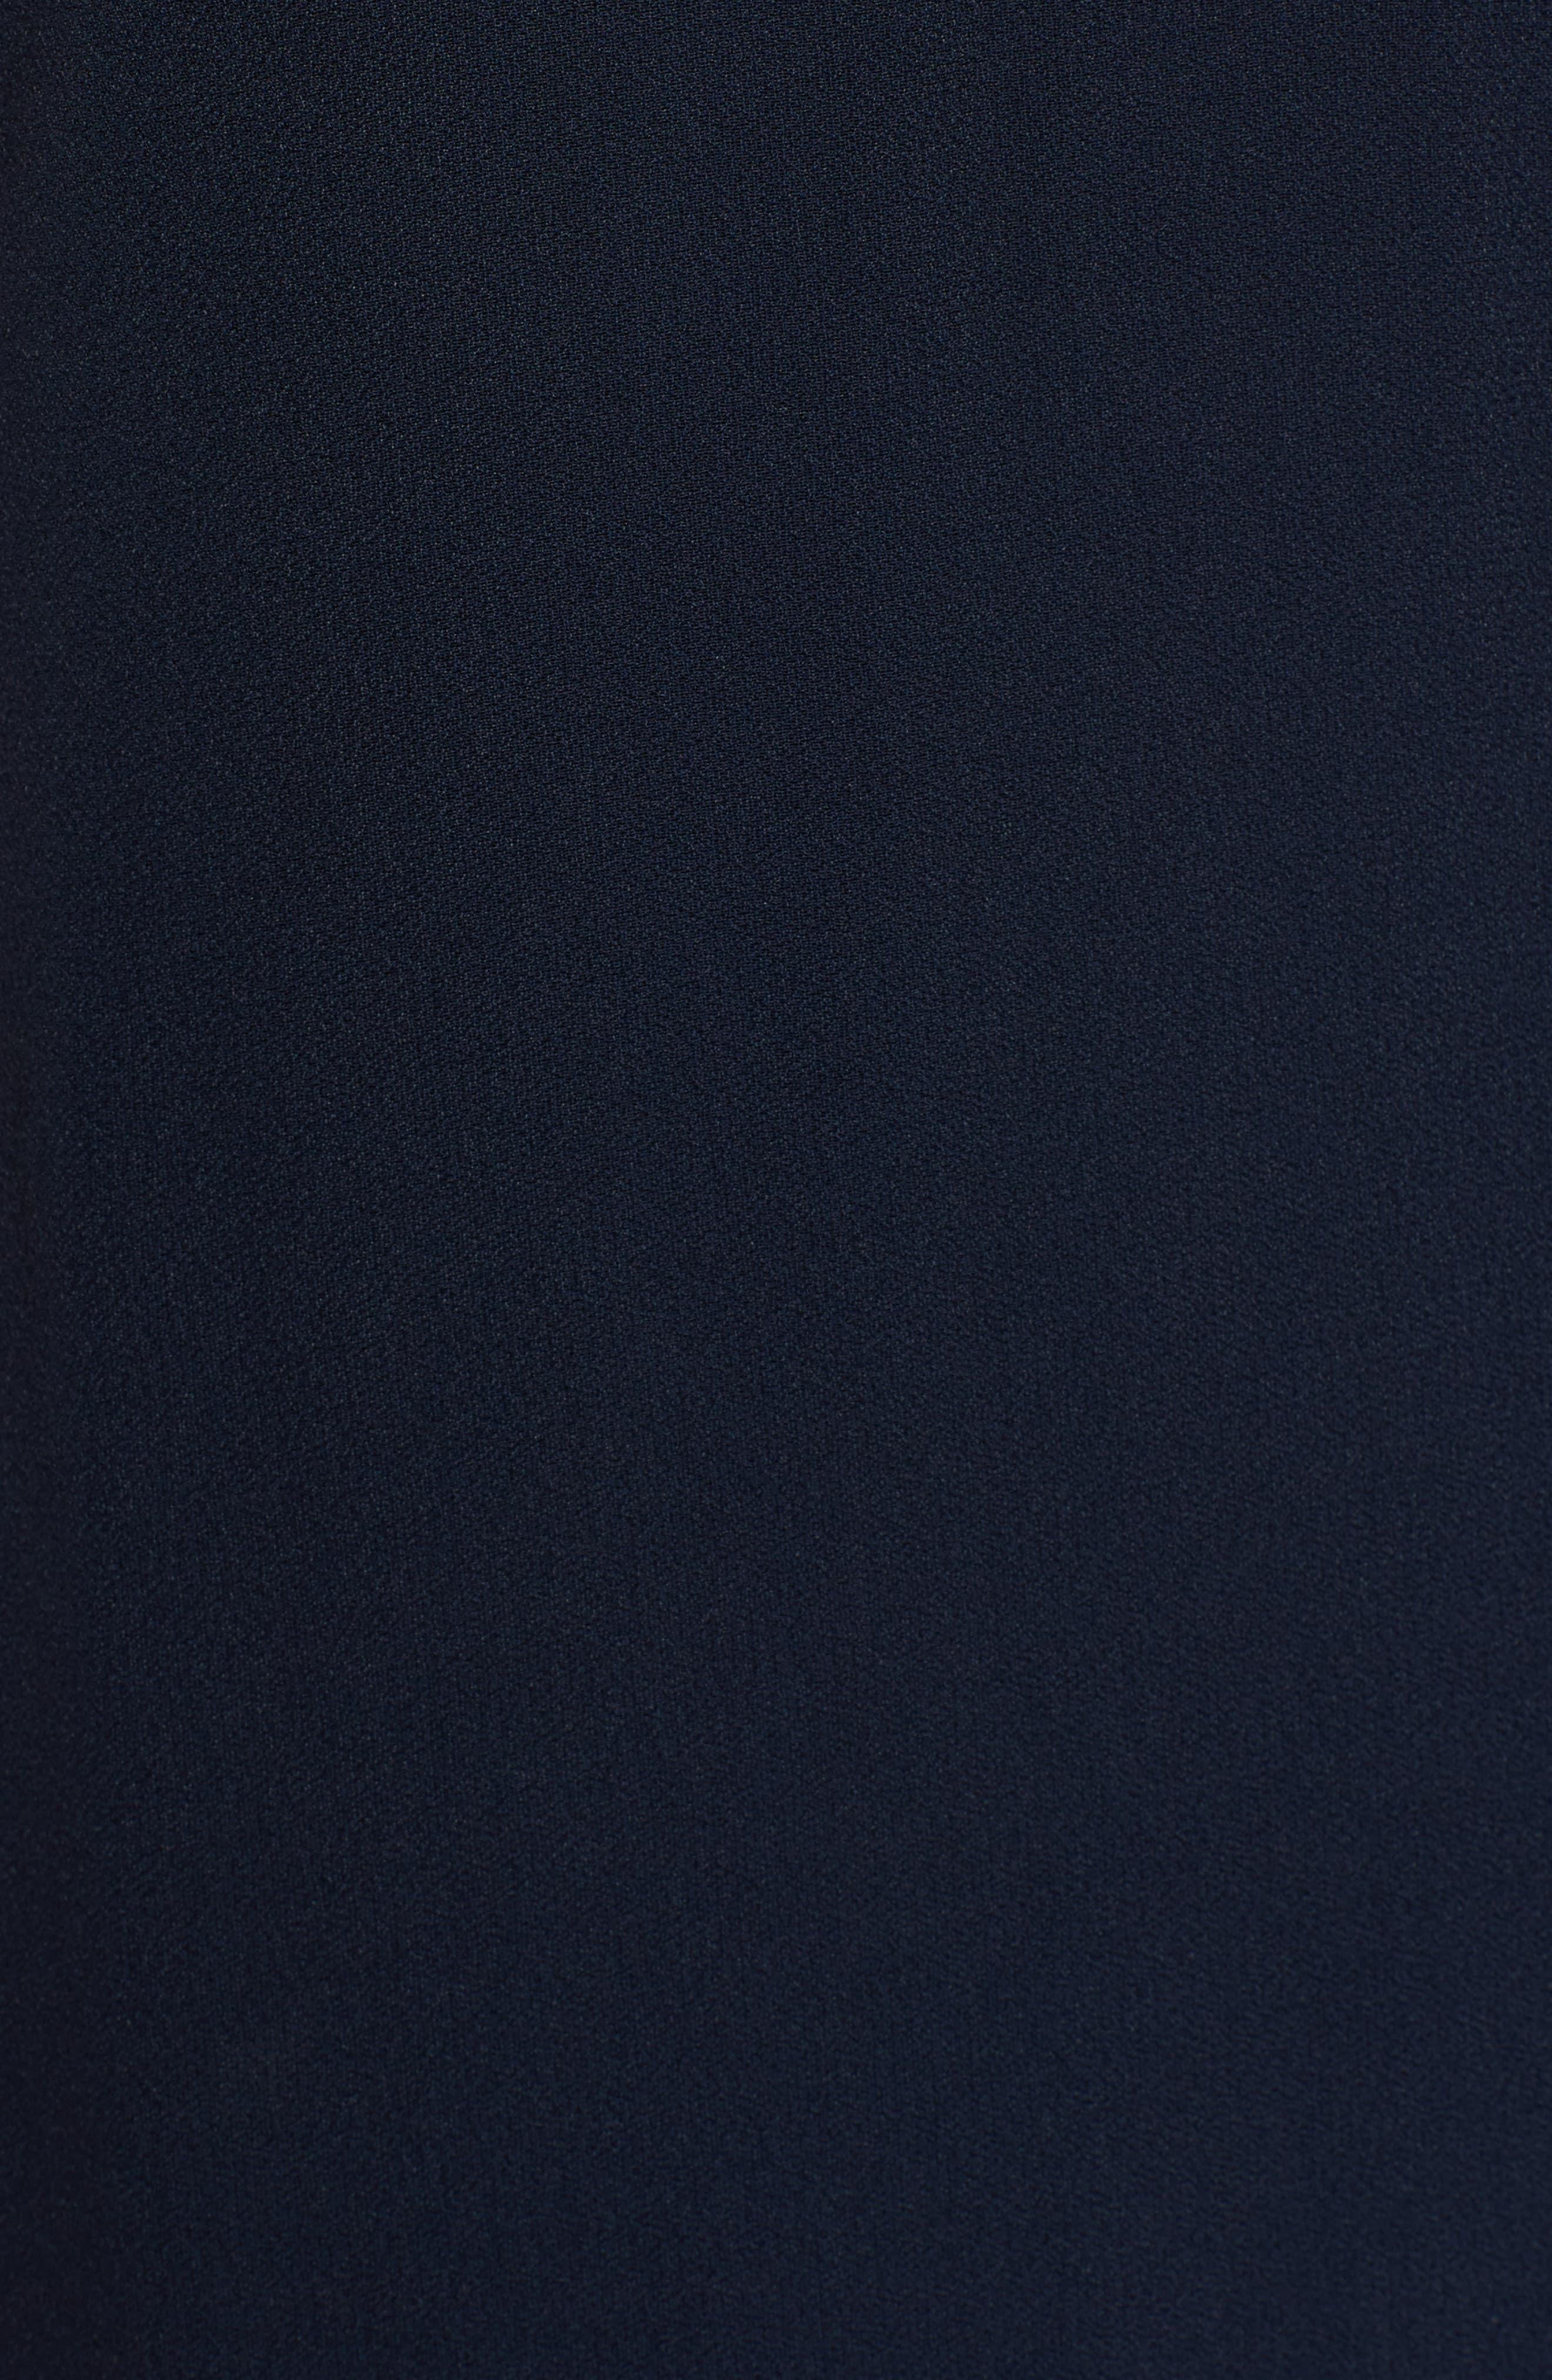 Haminka Lace Trim Shift Dress,                             Alternate thumbnail 5, color,                             480